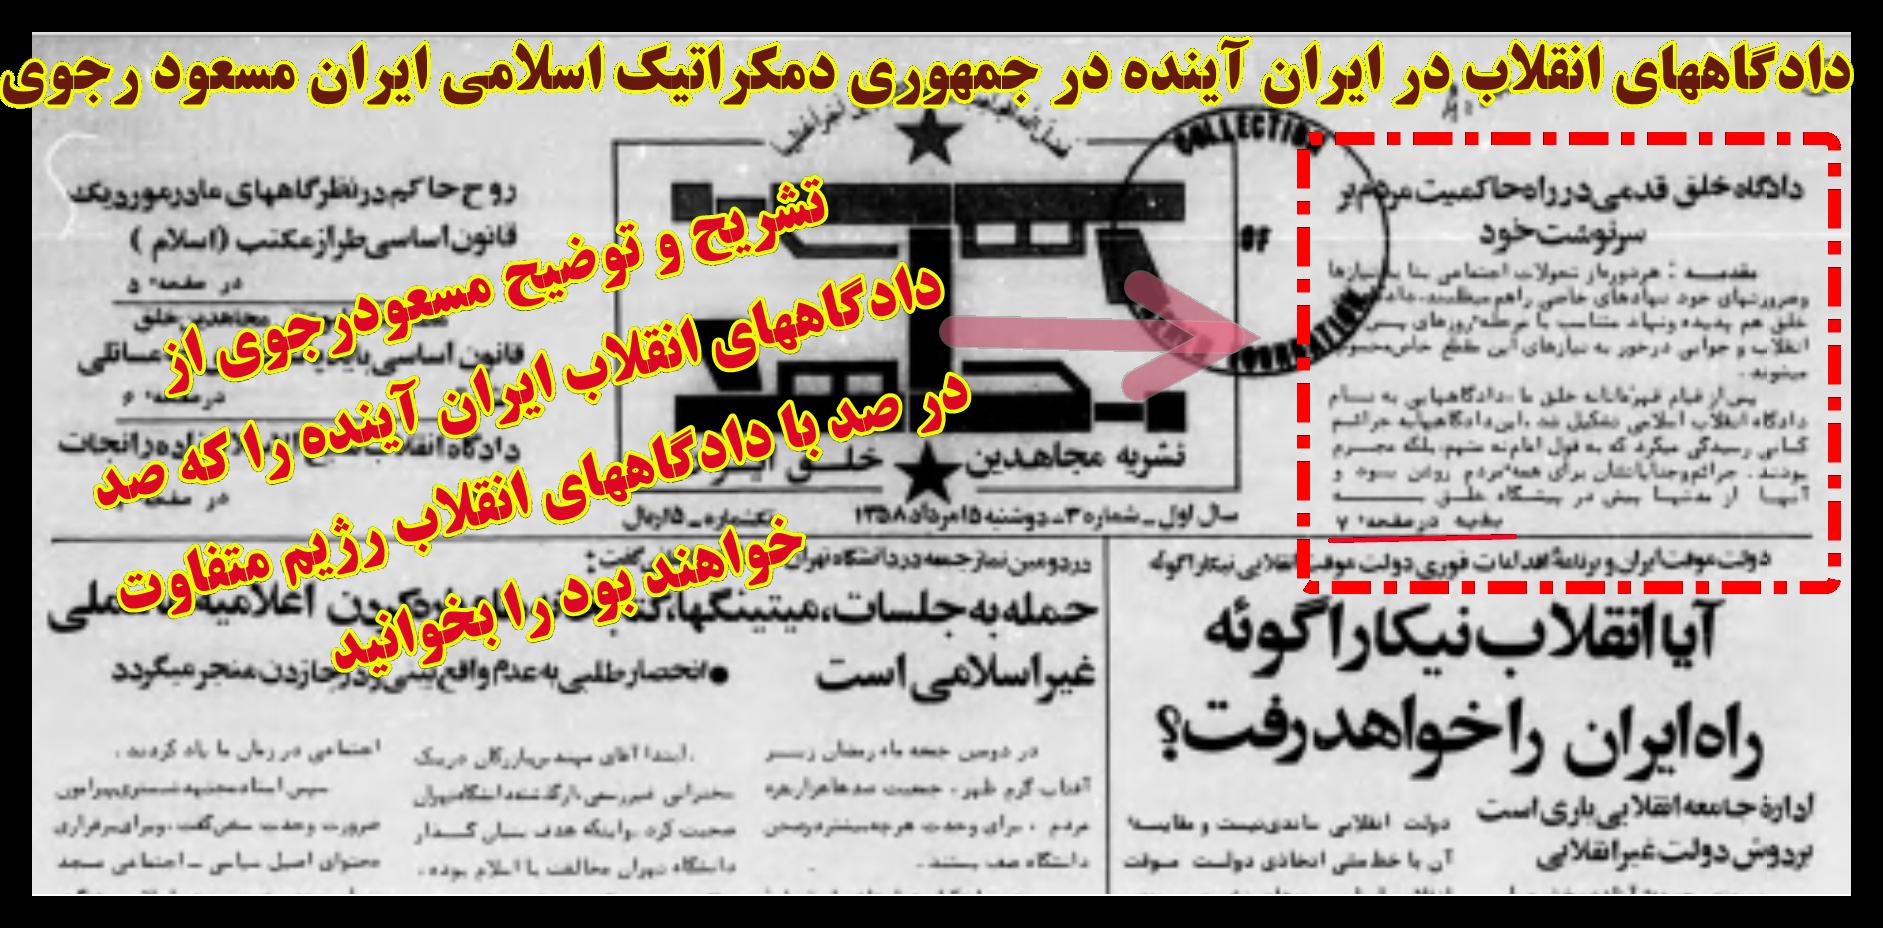 دادگاههای انقلاب ایران نوین